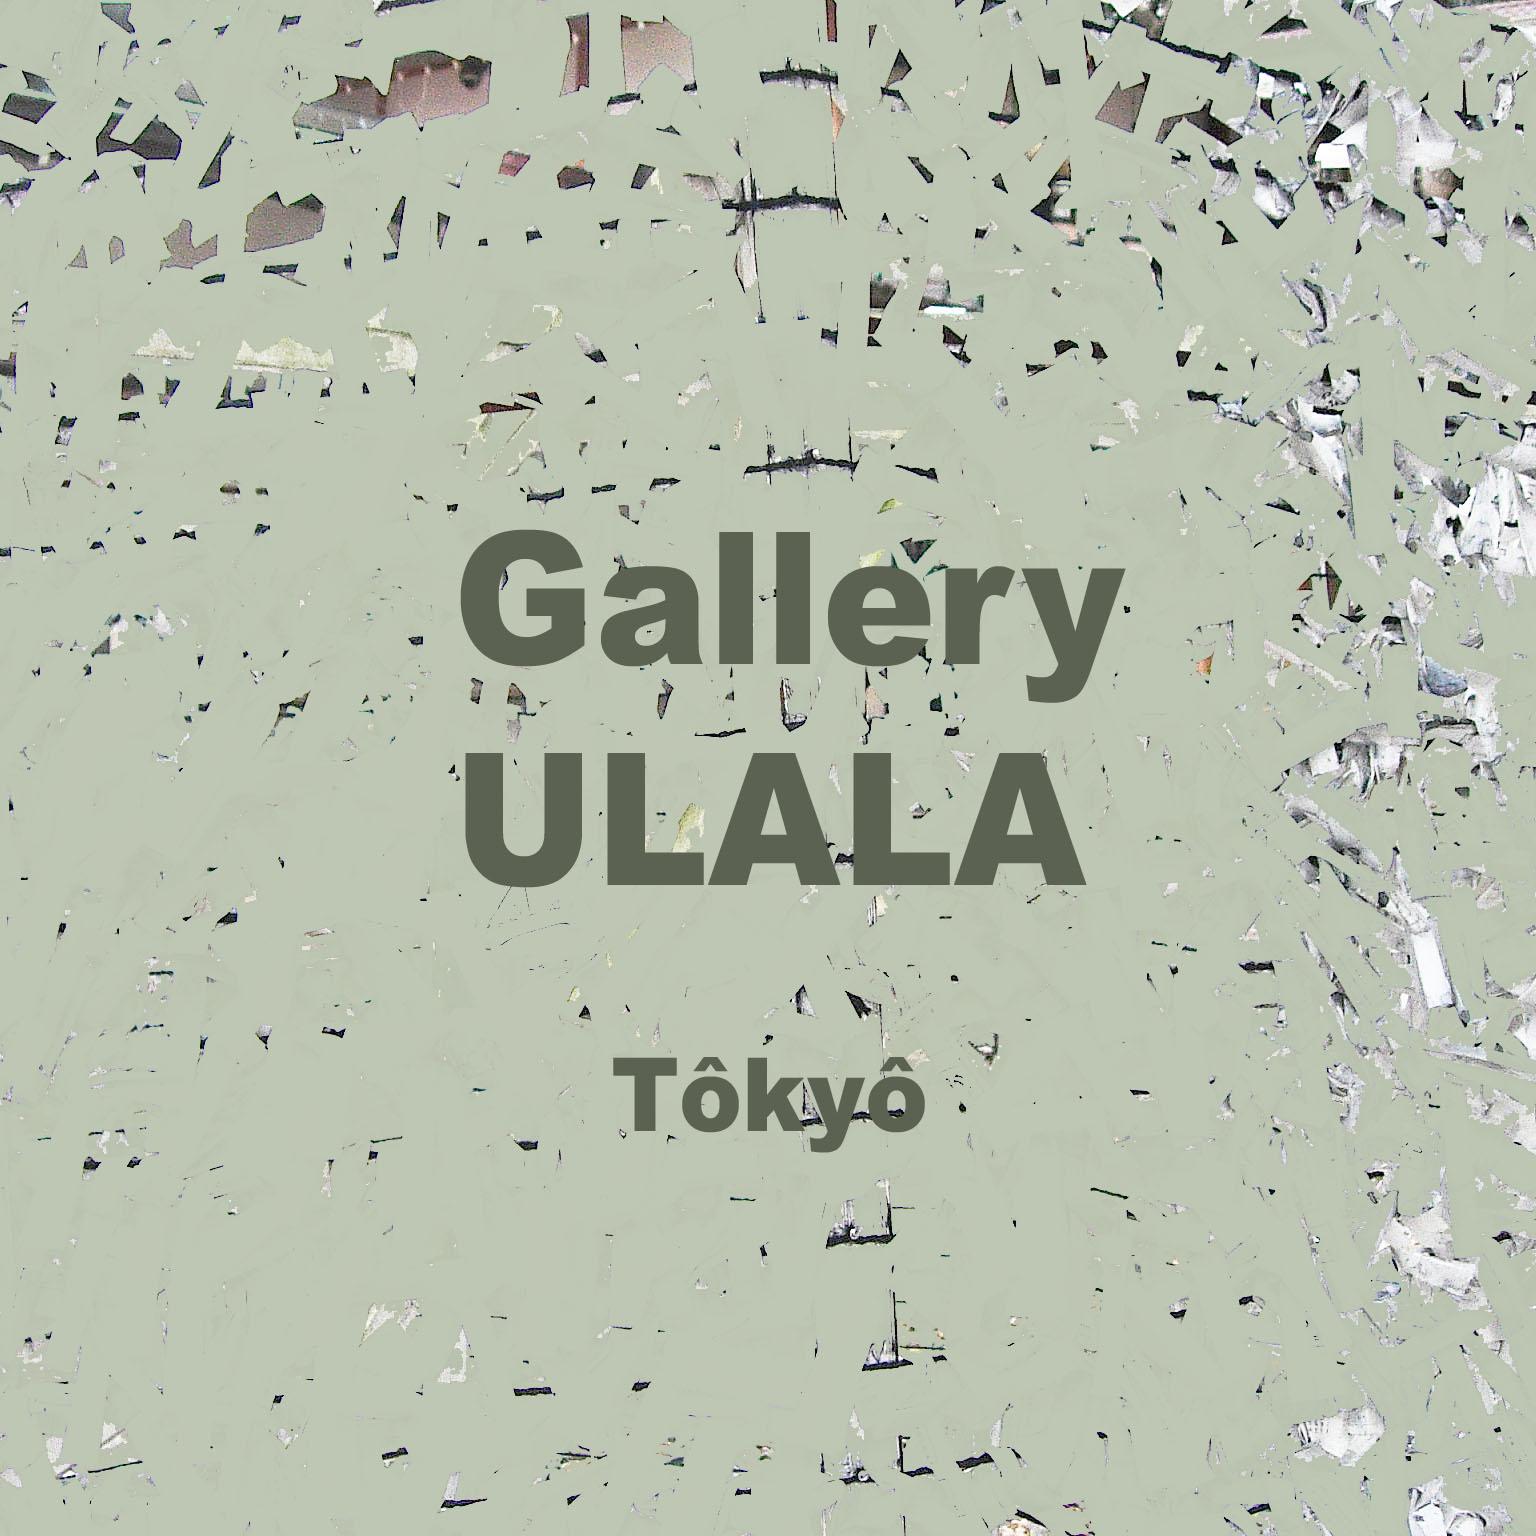 GALLERY ULALA